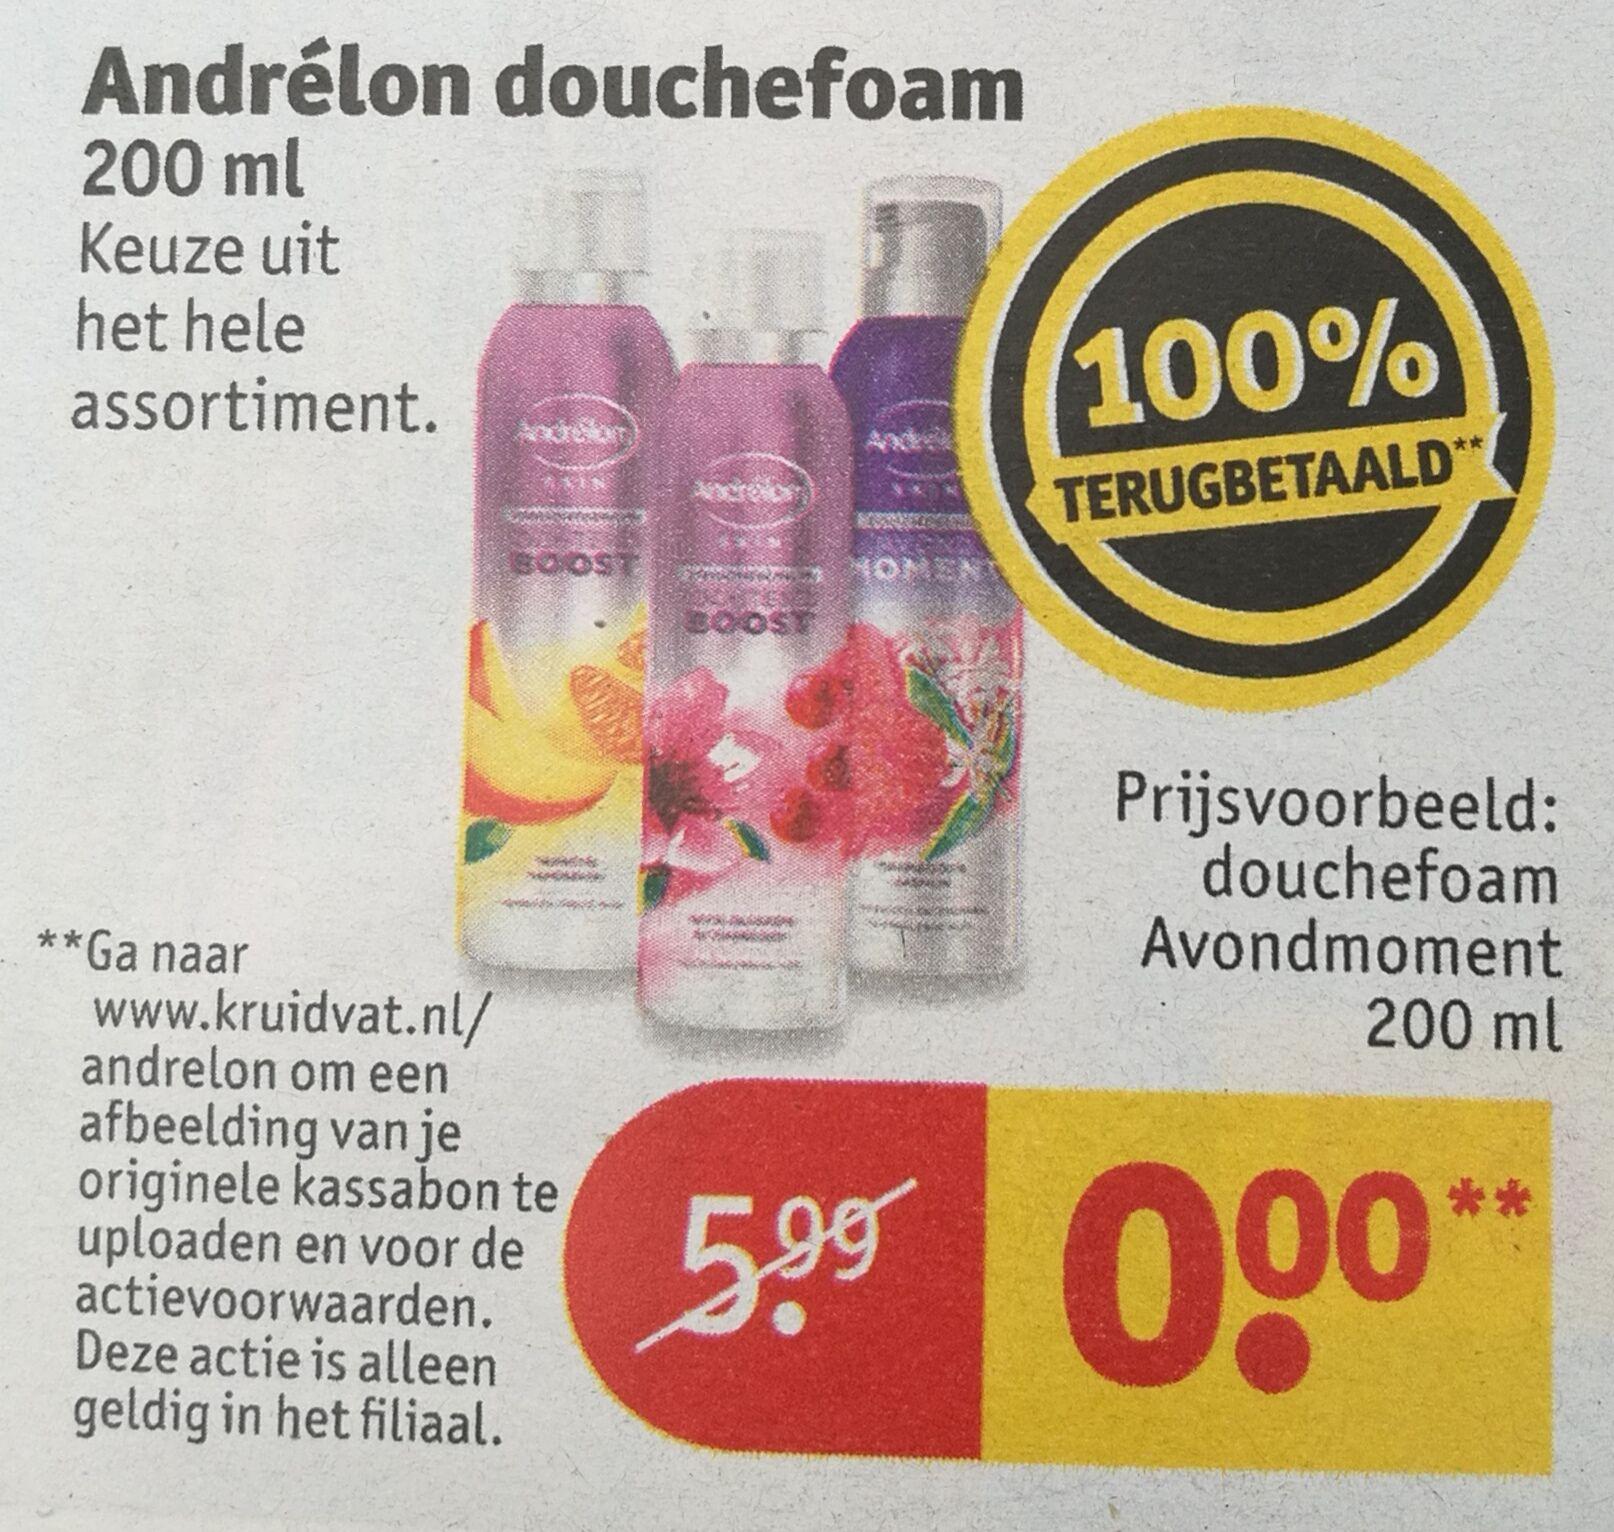 Gratis Douchefoam Andrelon @ Kruidvat